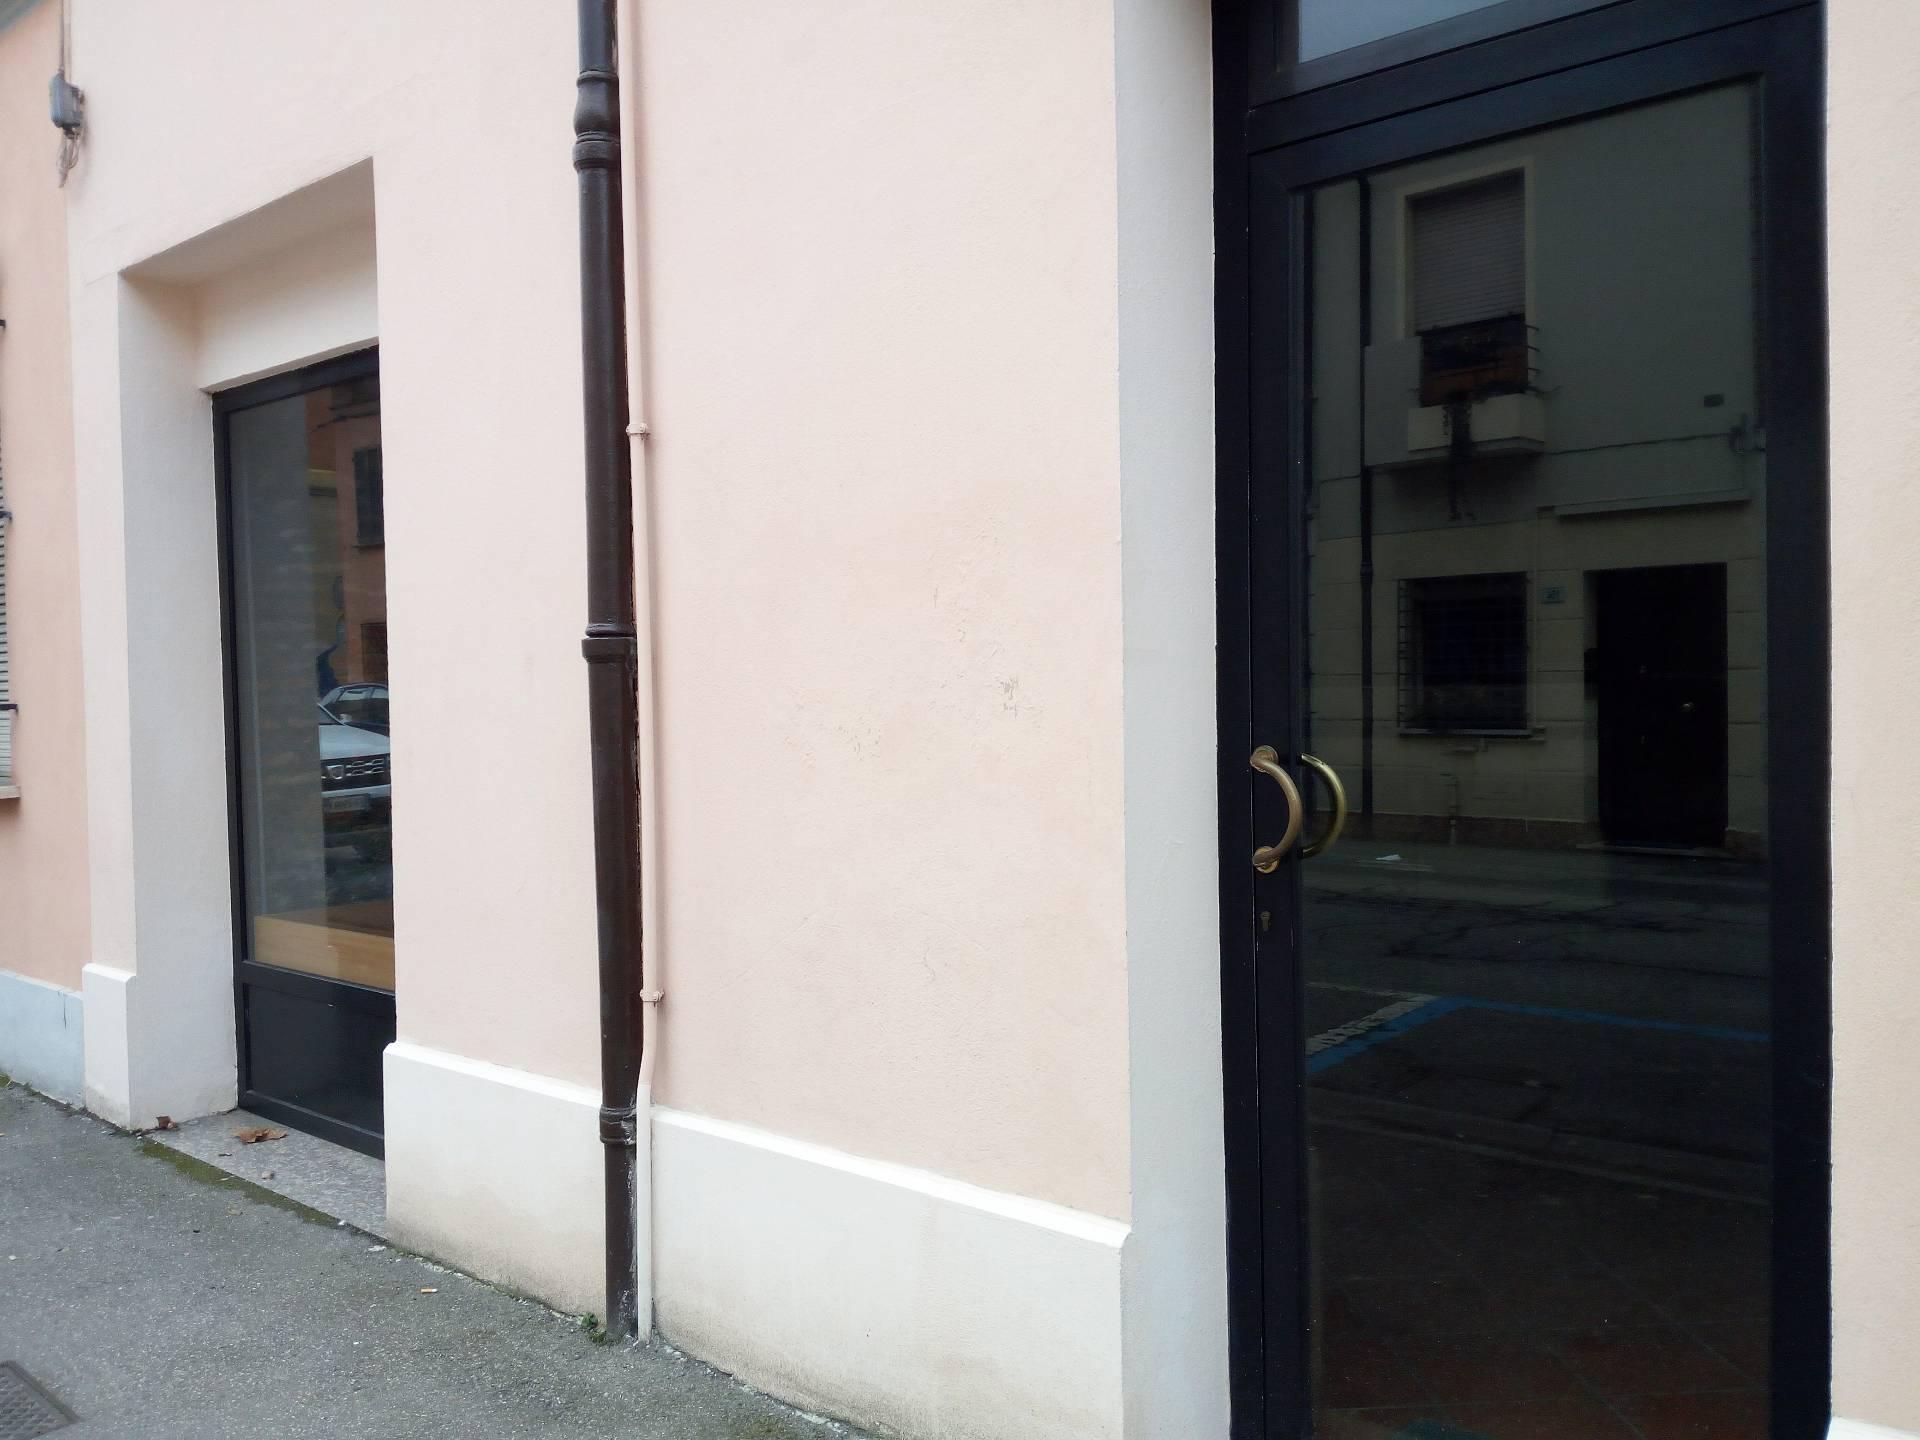 Negozio / Locale in affitto a Lugo, 9999 locali, zona Località: centro, prezzo € 400 | CambioCasa.it